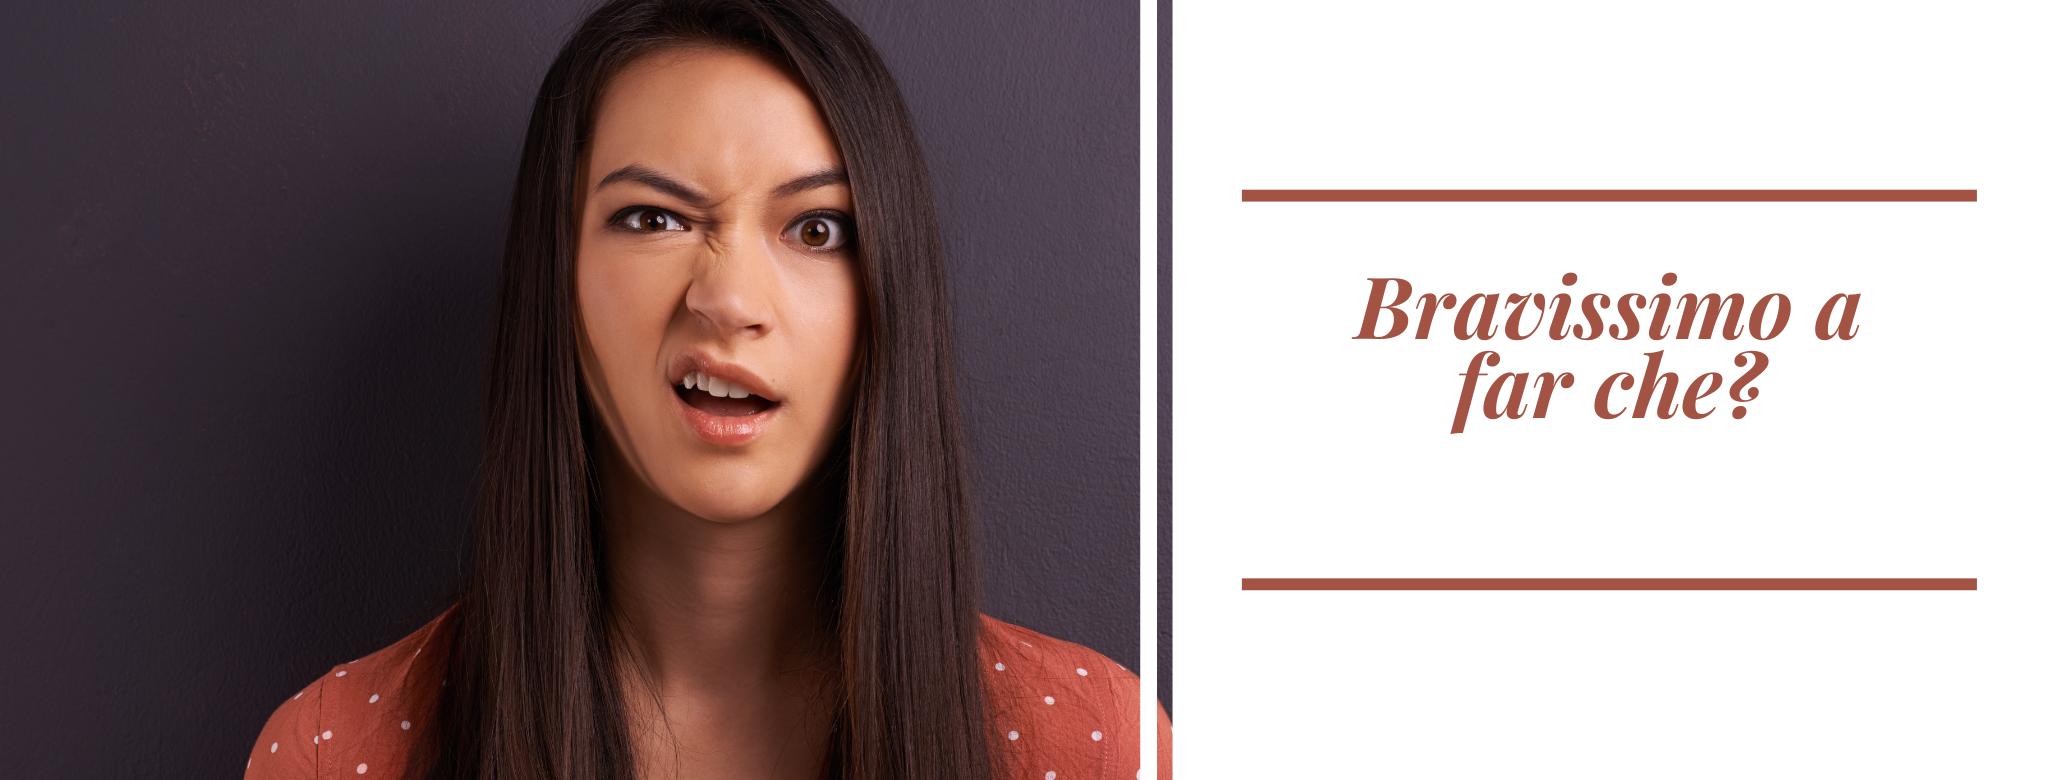 Foto: donna con espressione confusa, scritta: bravissimo a far che?